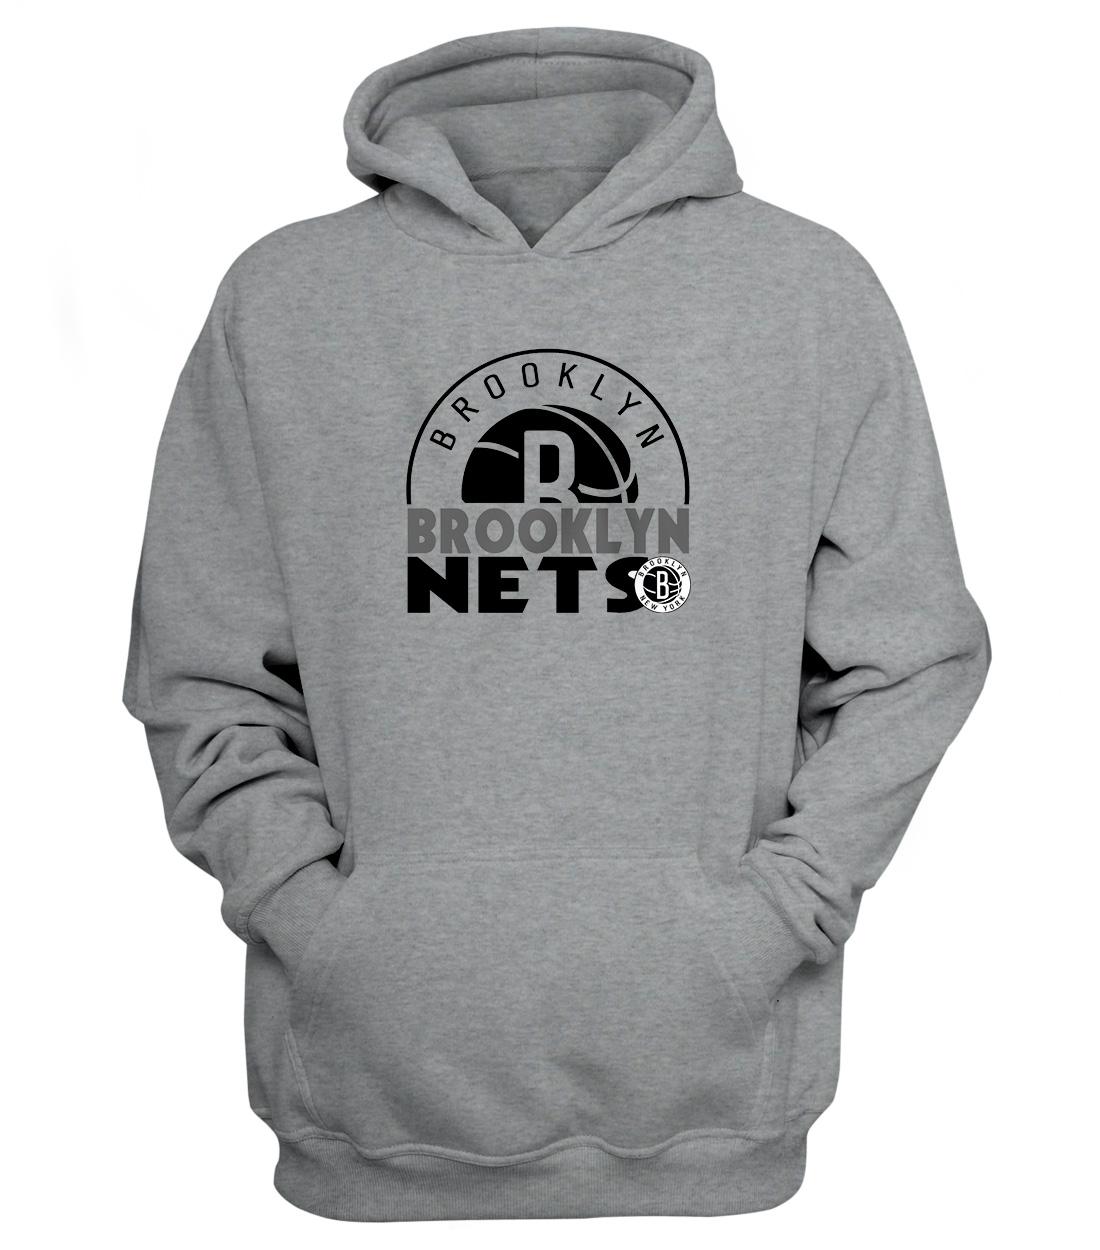 Brooklyn Nets Hoodie (HD-GRY-NP-357-NBA-Brklyn.Nets)